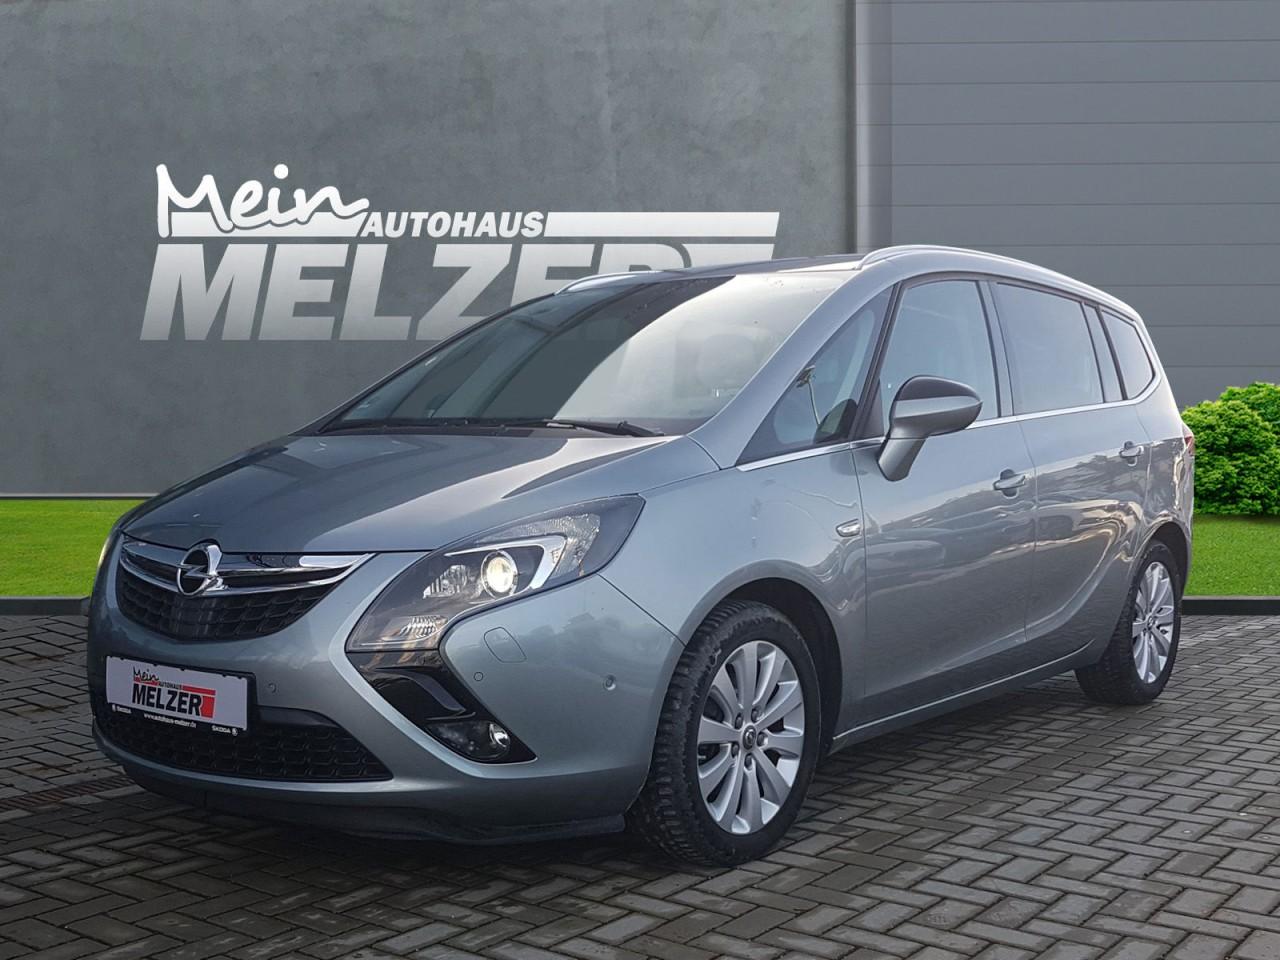 Opel Zafira Tourer Innovation 1,6 100kW +XENON+, Jahr 2014, Diesel